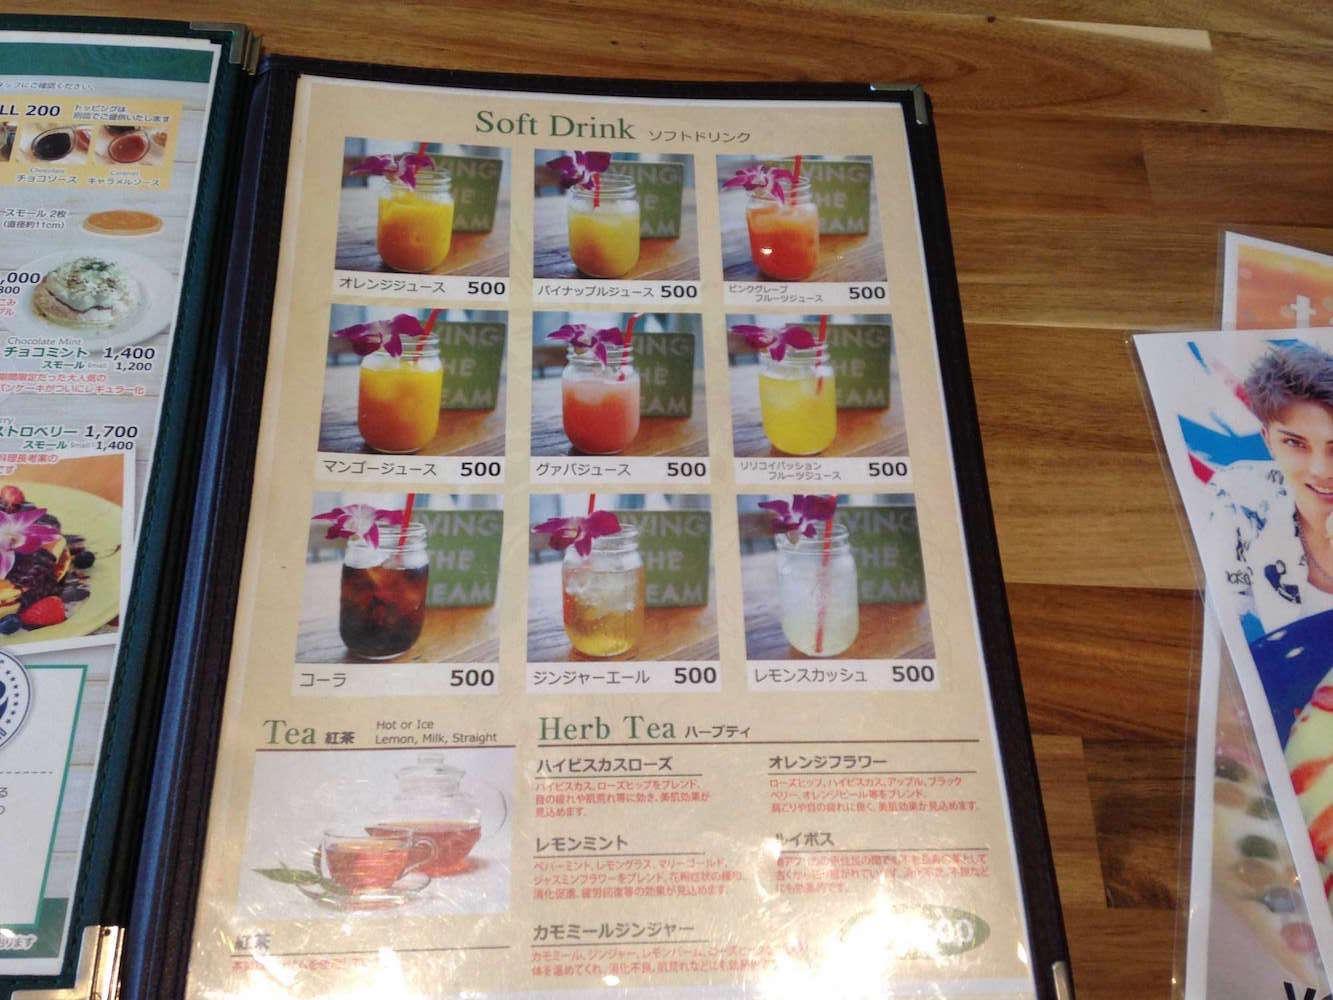 東京のハワイアンカフェ(シナモンズ・ドリンクメニュー)